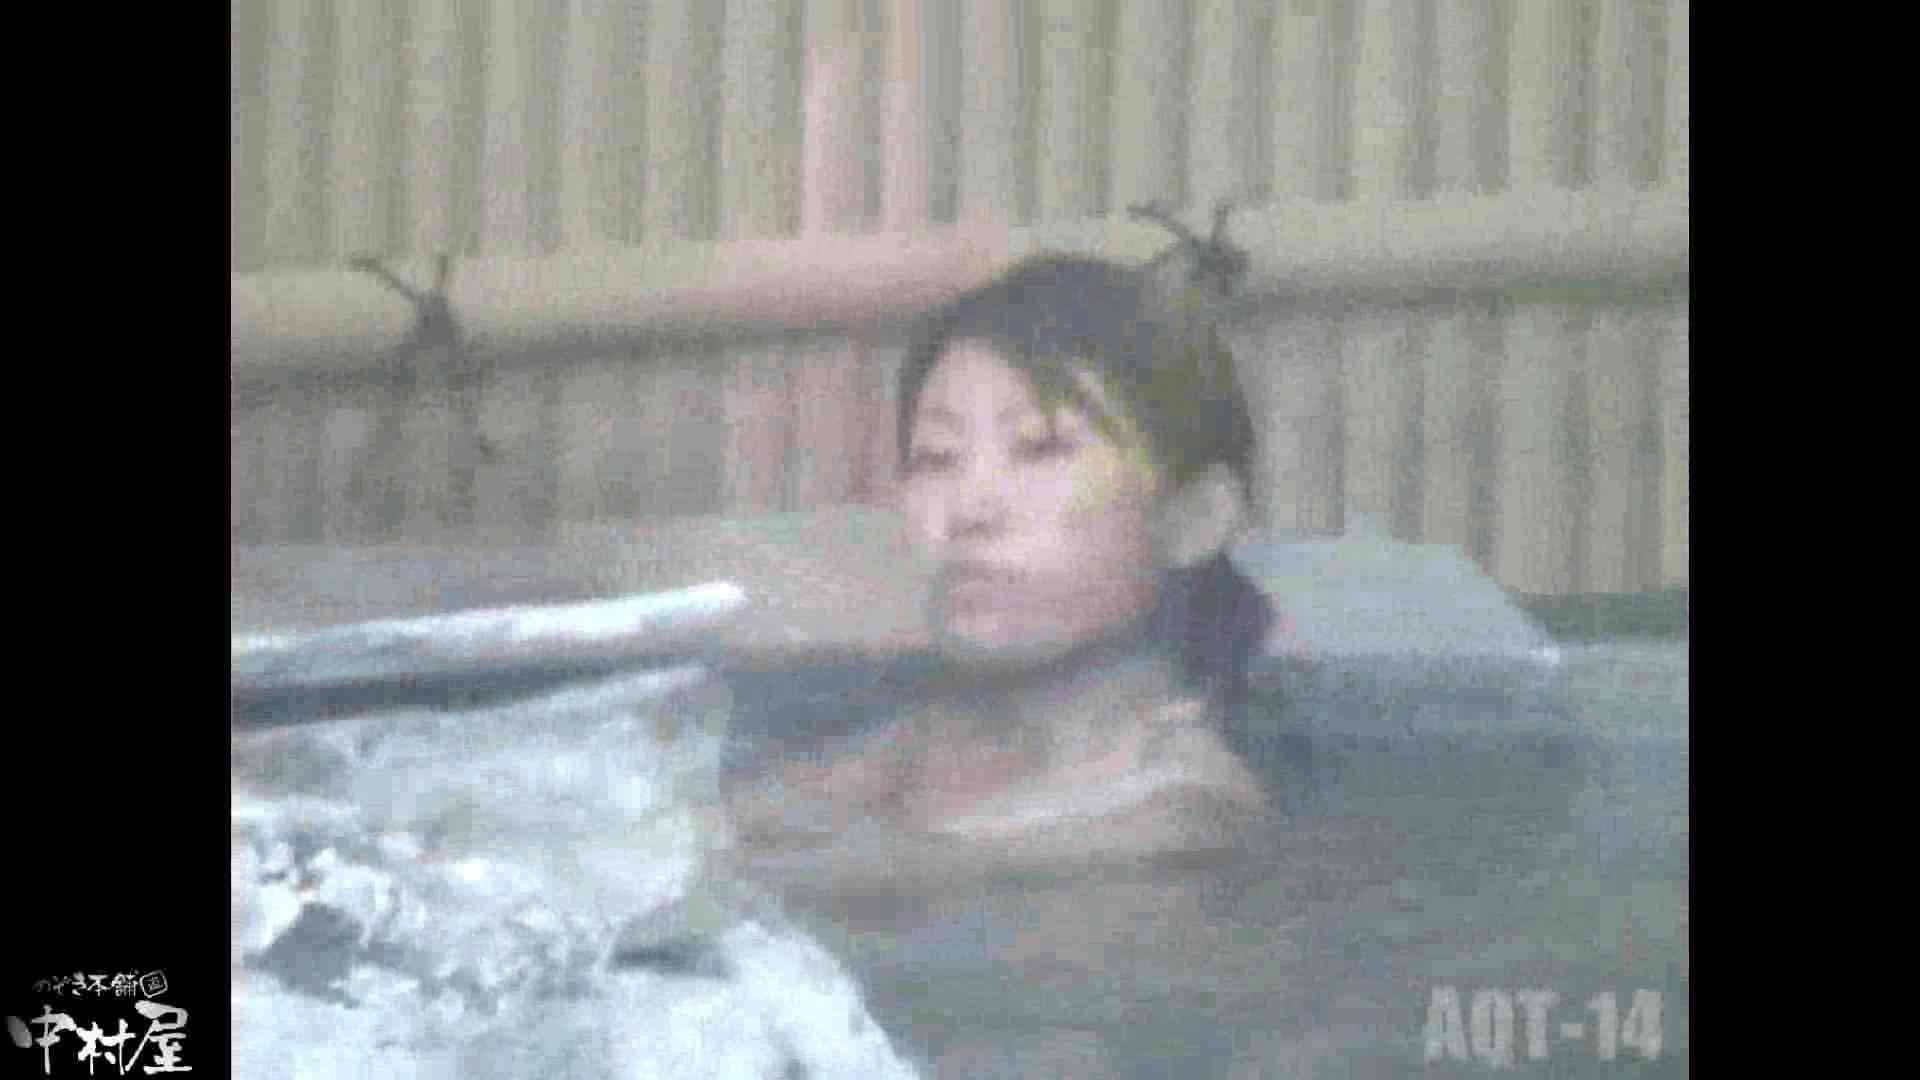 Aquaな露天風呂Vol.878潜入盗撮露天風呂十四判湯 其の一 露天 | 盗撮  78pic 5